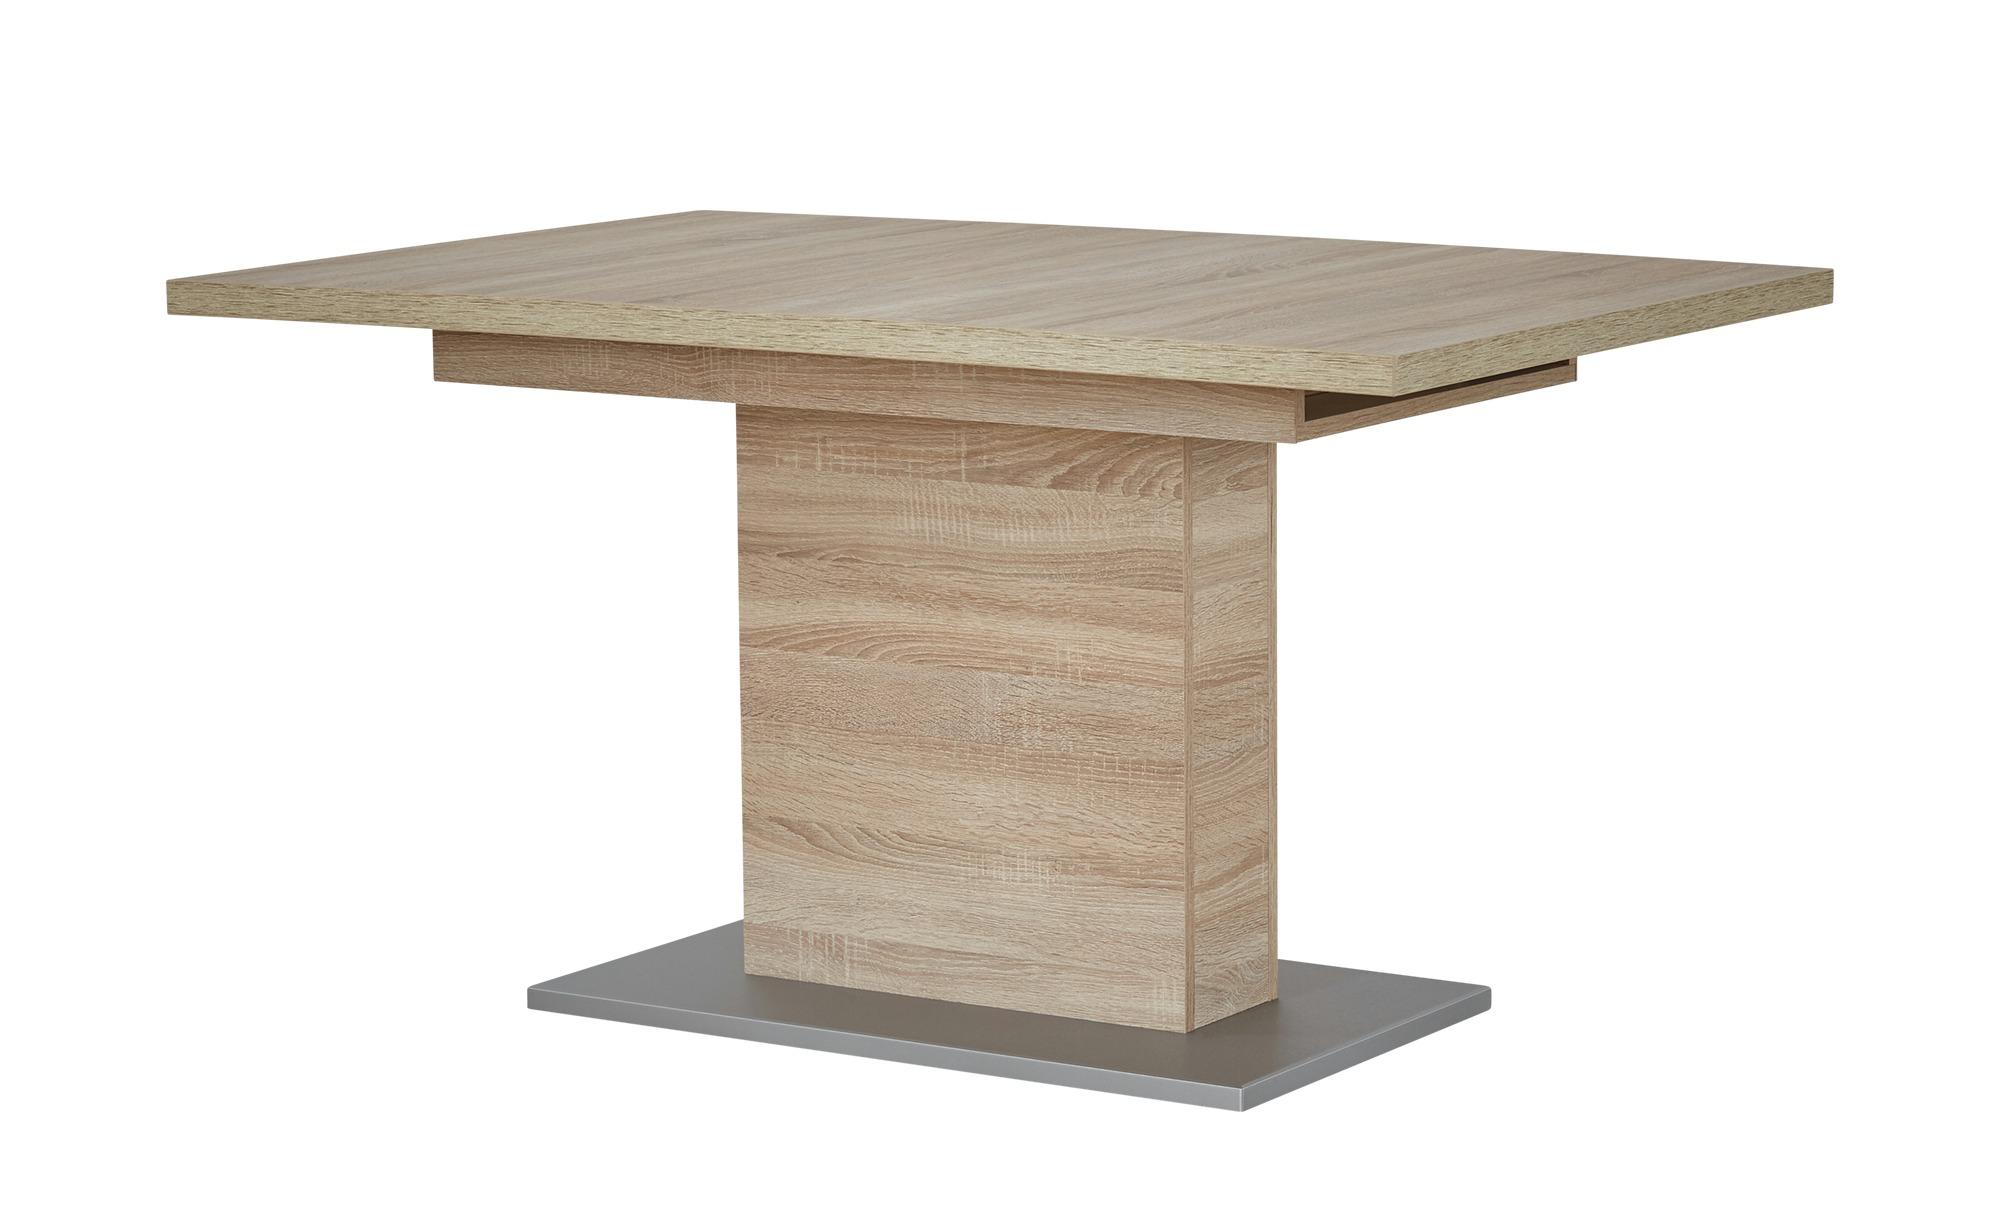 Esstisch  Pia ¦ holzfarben ¦ Maße (cm): B: 90 H: 77 Tische > Esstische > Esstische ausziehbar - Höffner